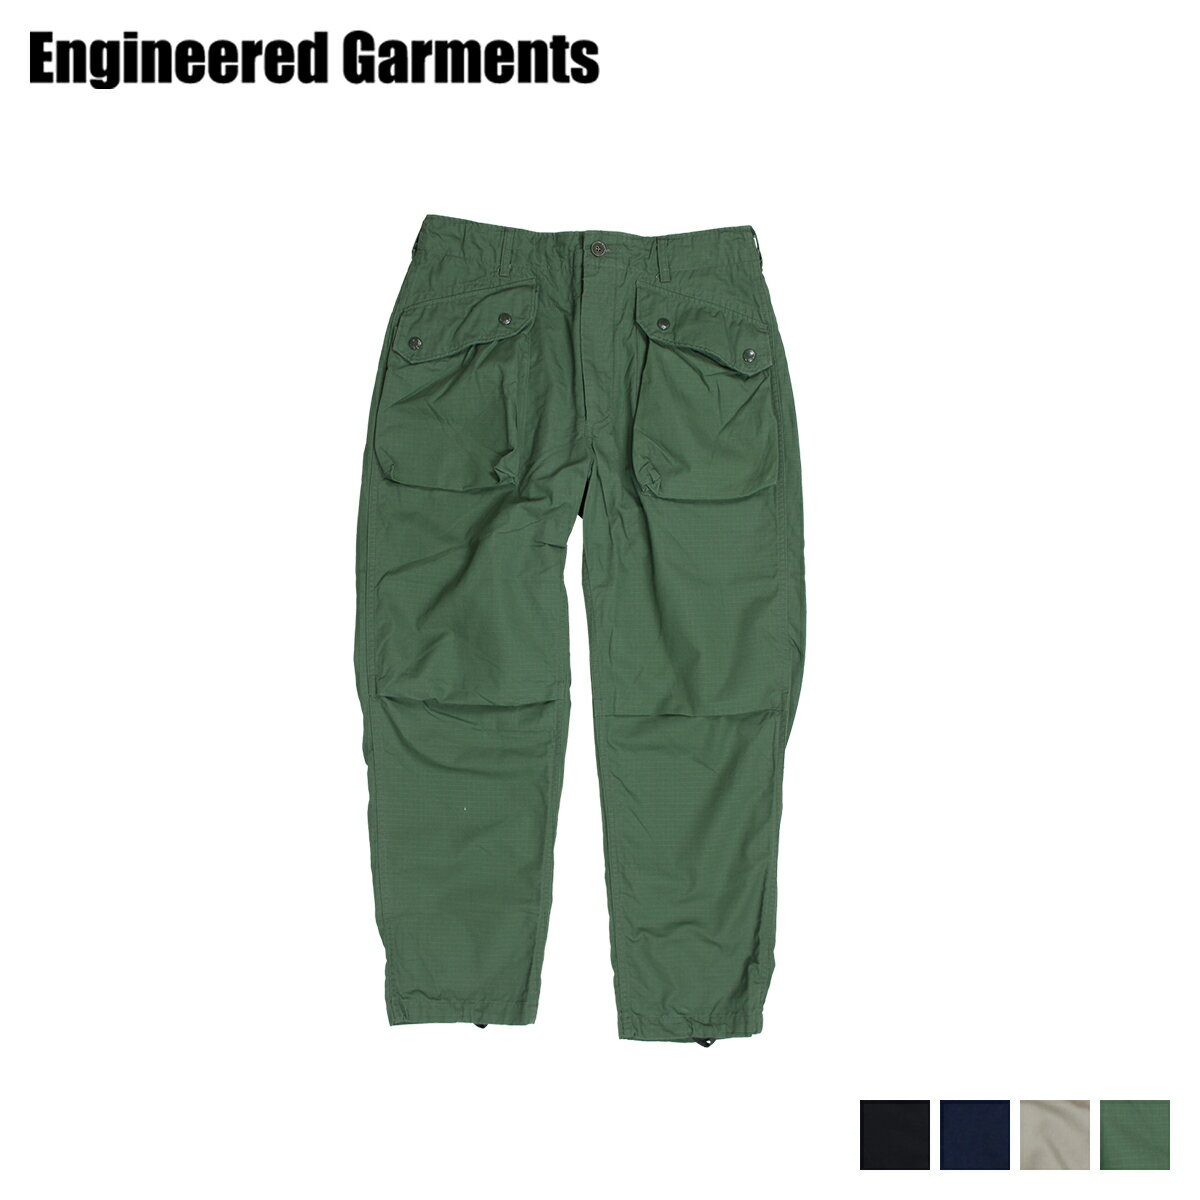 メンズファッション, ズボン・パンツ ENGINEERED GARMENTS NORWEGIAN PANT 19SF007